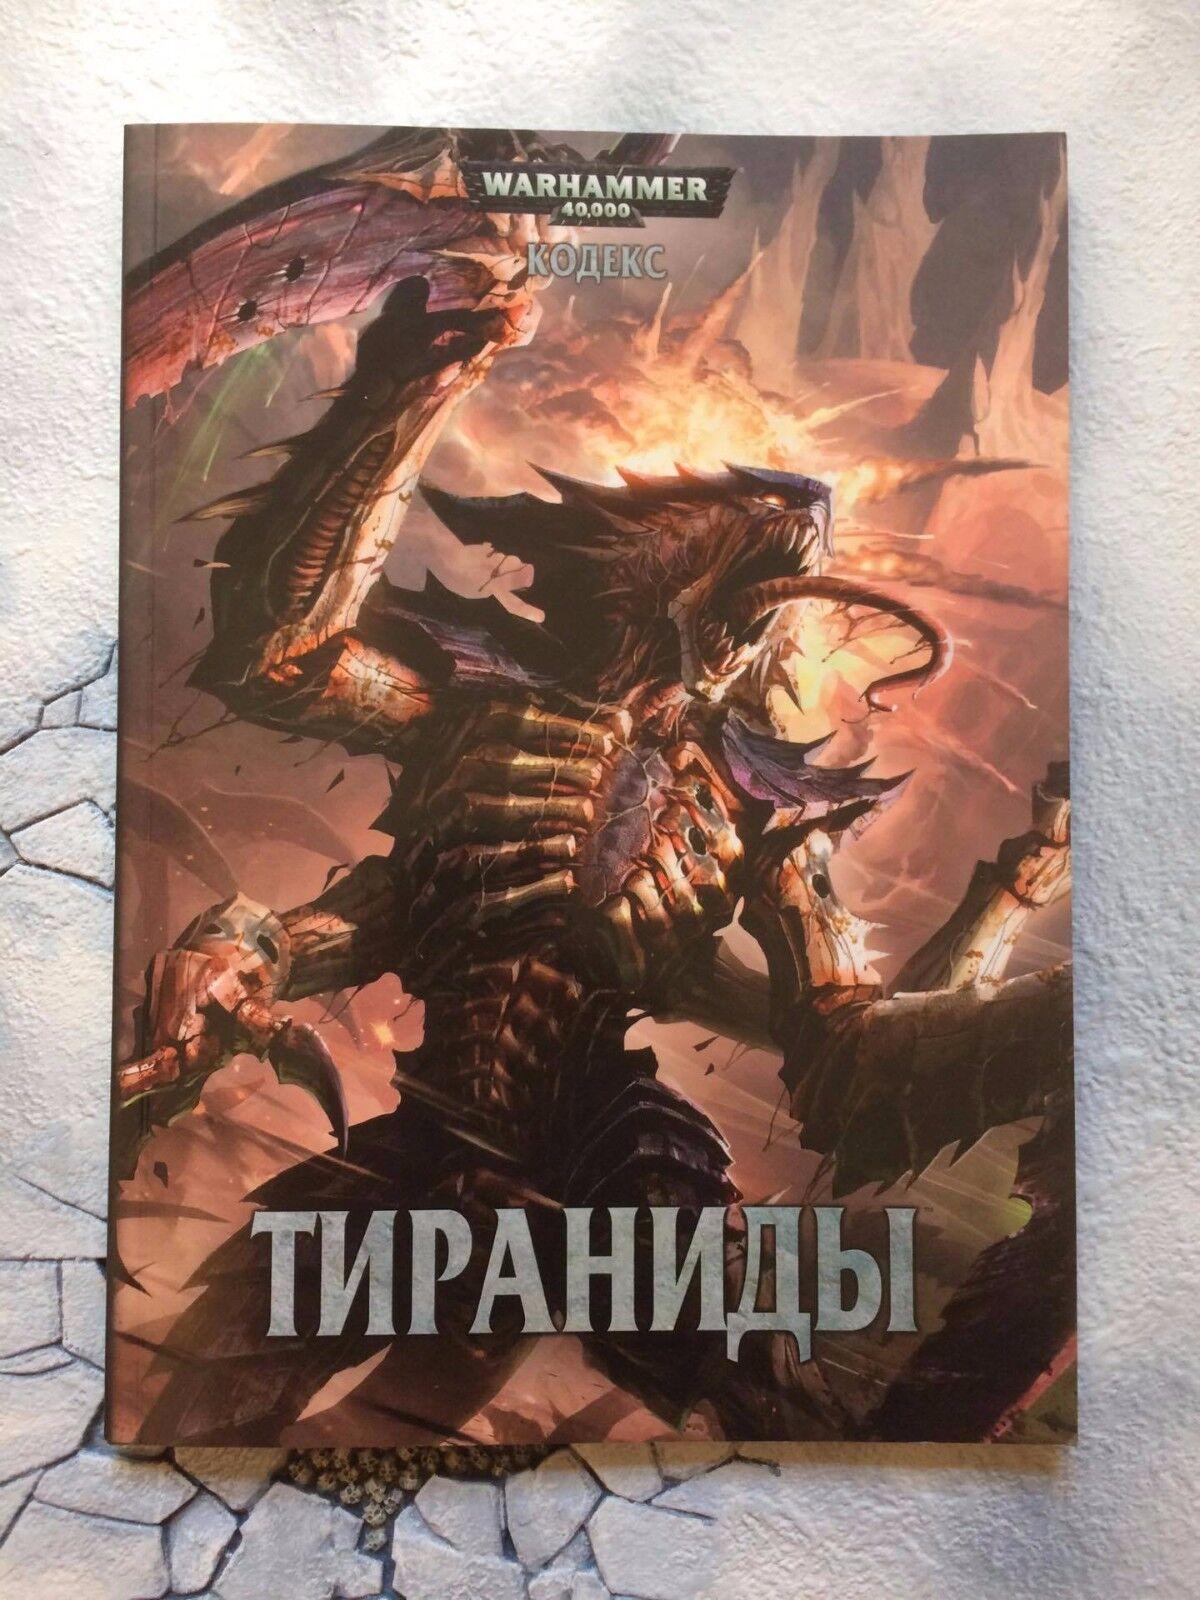 Warhammer 40.000 tyranids_ тираниды codex buch treten neue